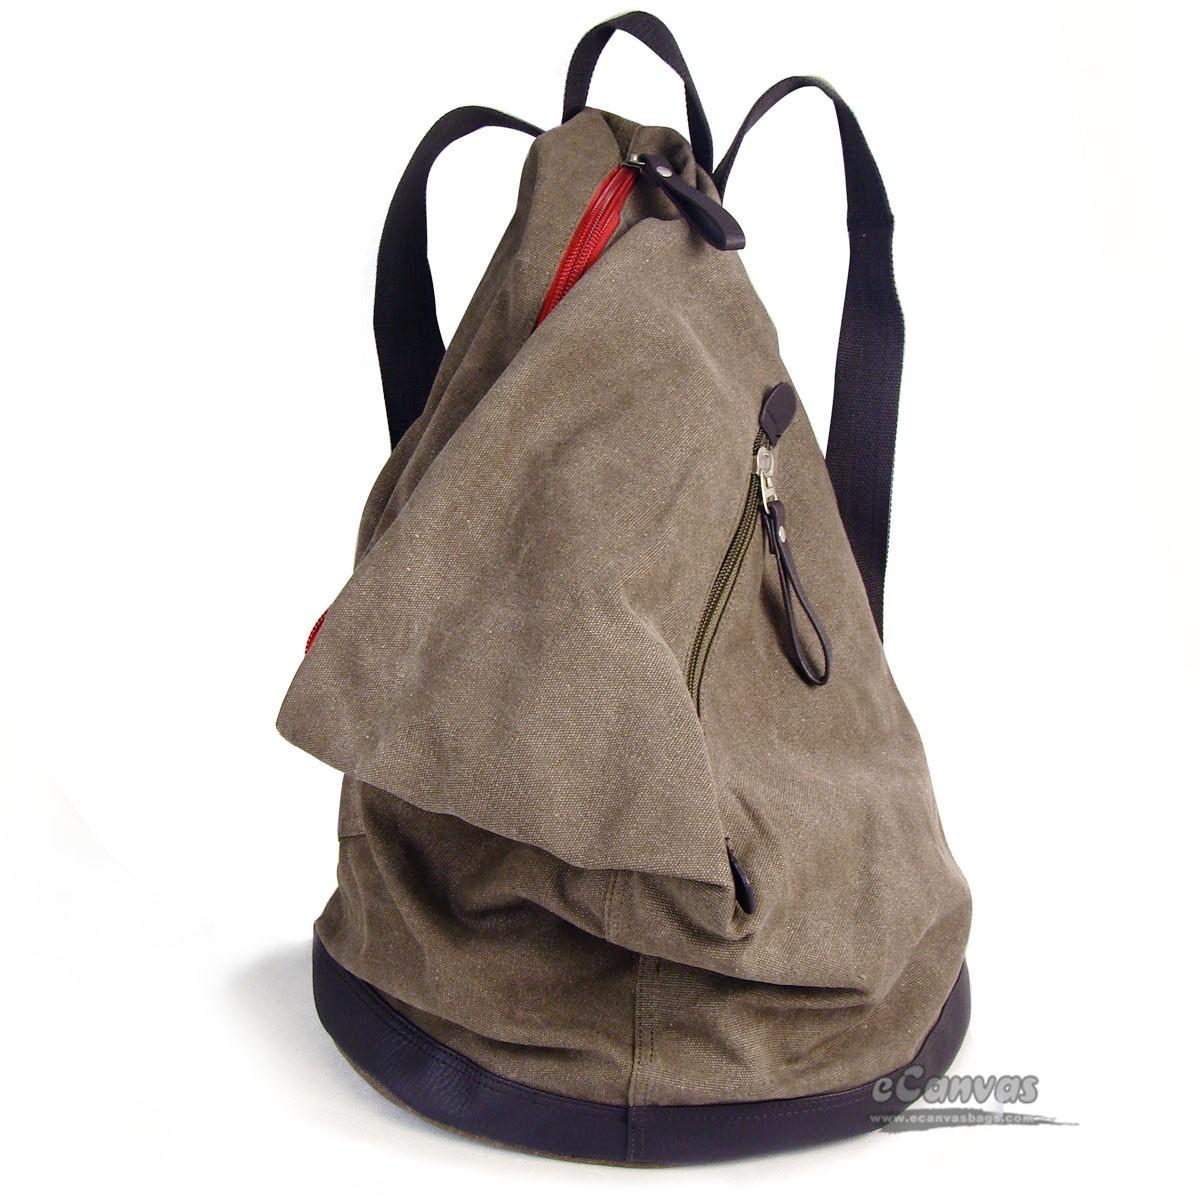 Canvas hobo backpack, boys backpack, travel purse 5 colors - E ...